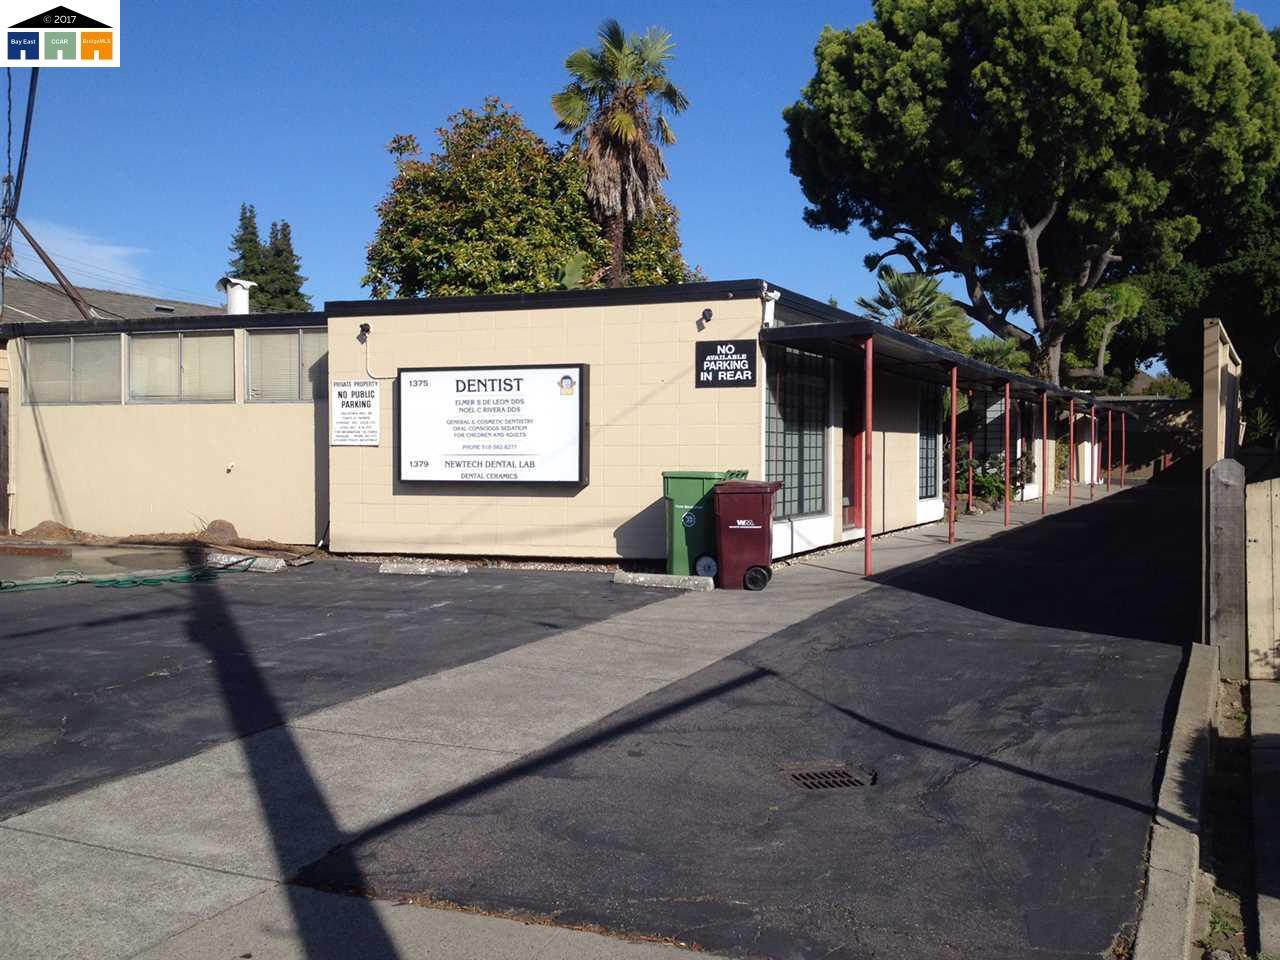 二世帯住宅 のために 売買 アット 1375 b street 1375 b street Hayward, カリフォルニア 94541 アメリカ合衆国